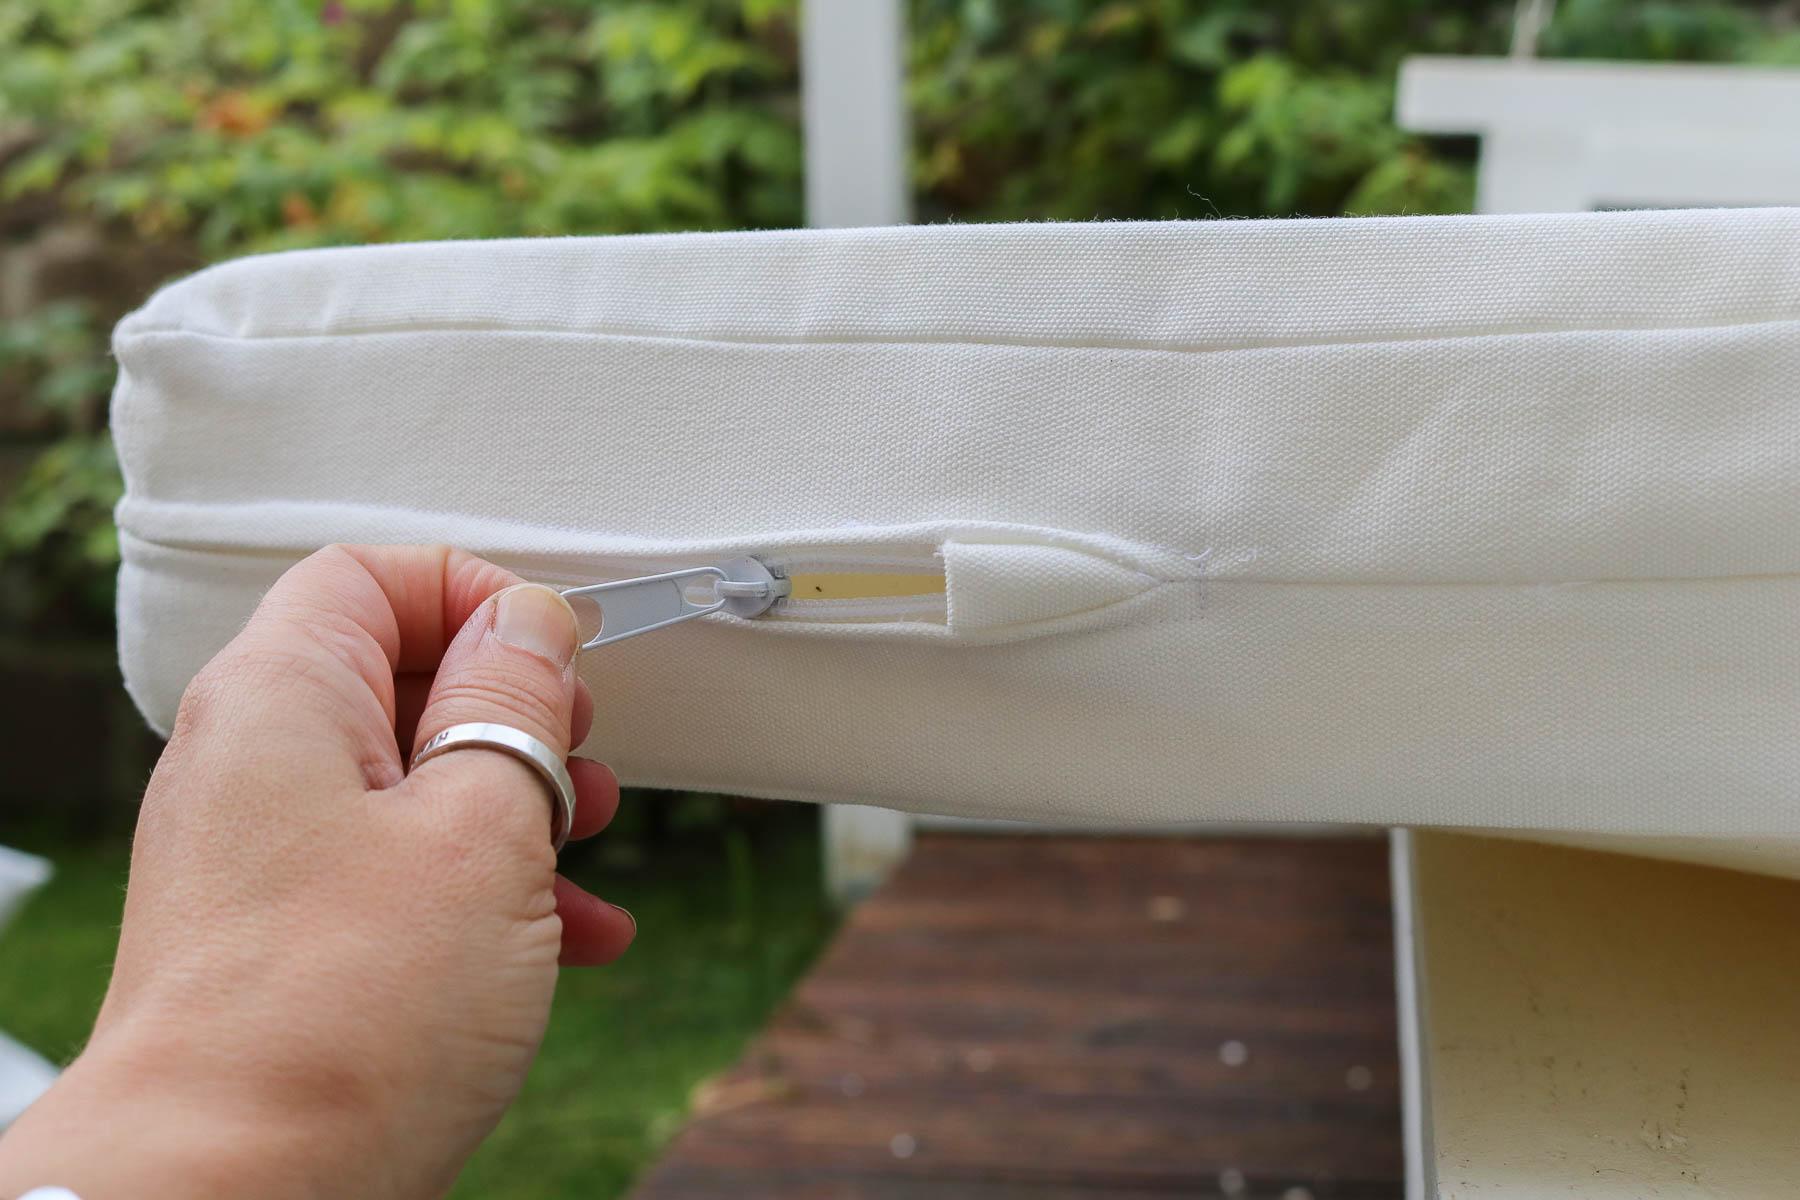 Nahtverdeckterreißverschluss in Auflage für Gartenschaukel nähen. JanaKnöpfchen - Nähen für Jungs